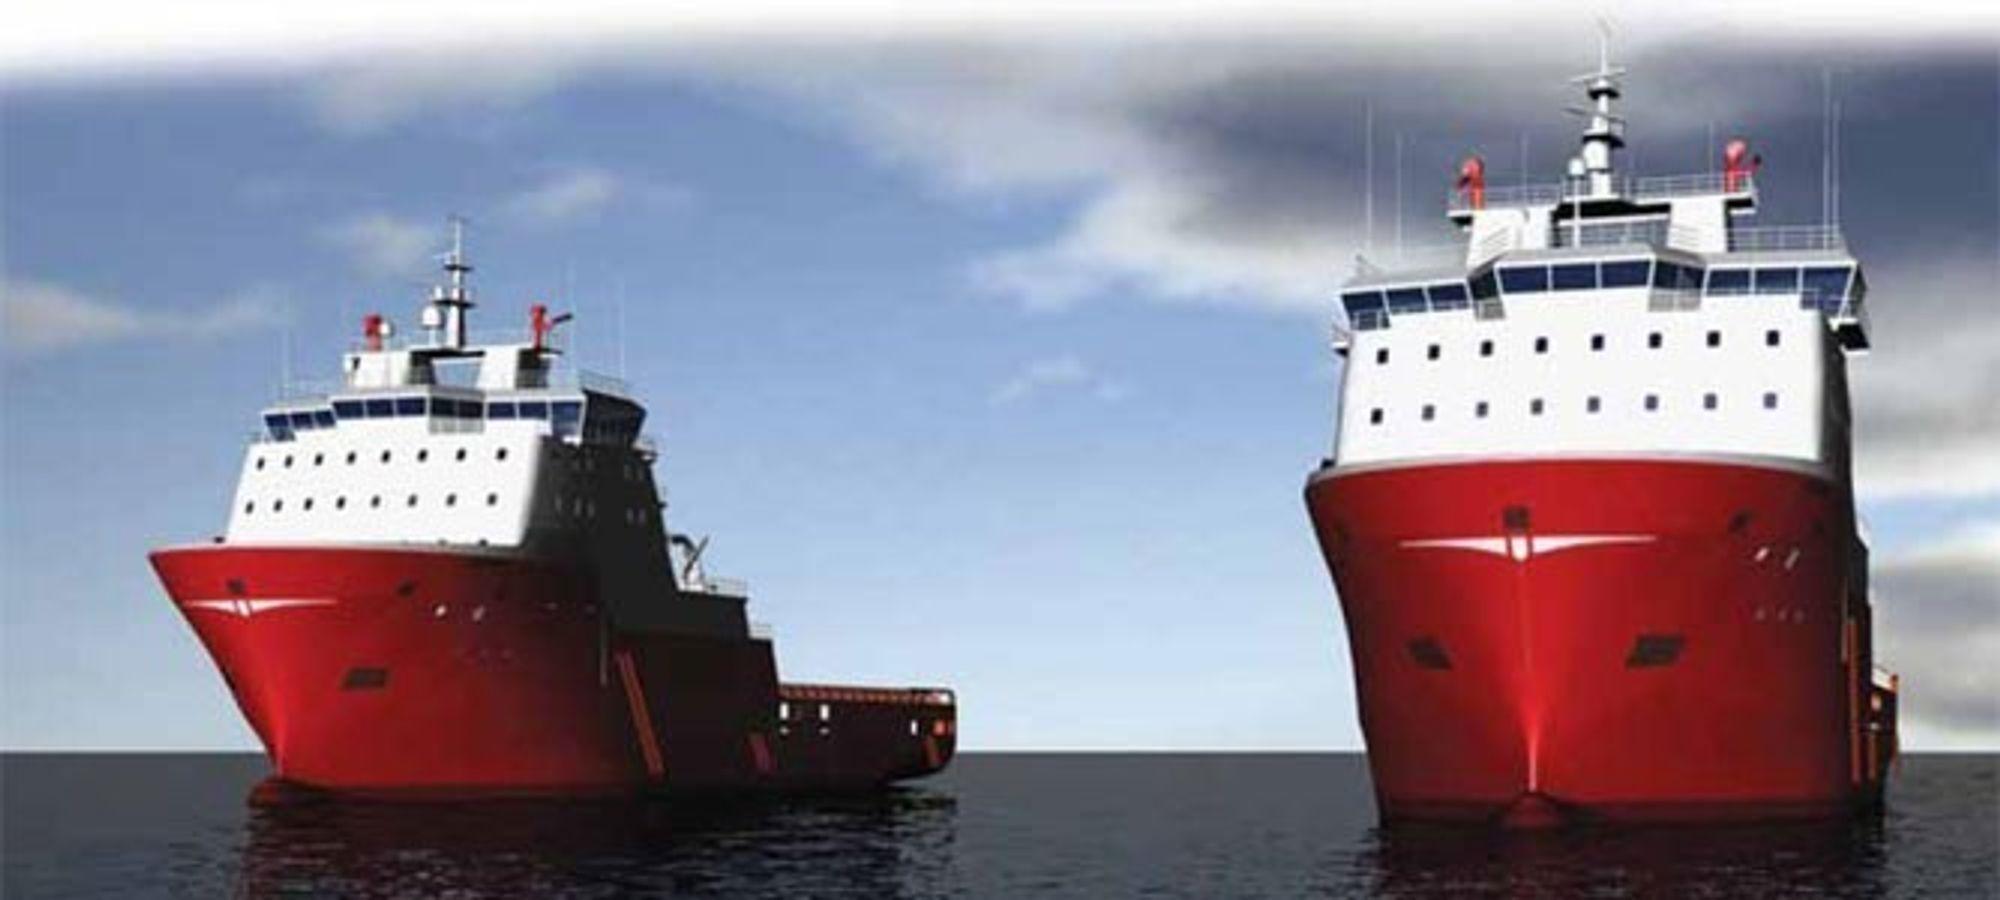 Slik skulle de to ankerhåndteringsfartøyene fra Karmsund Maritime sett ut, men nå har oppdragsgiveren kansellert milliardkontrakten.